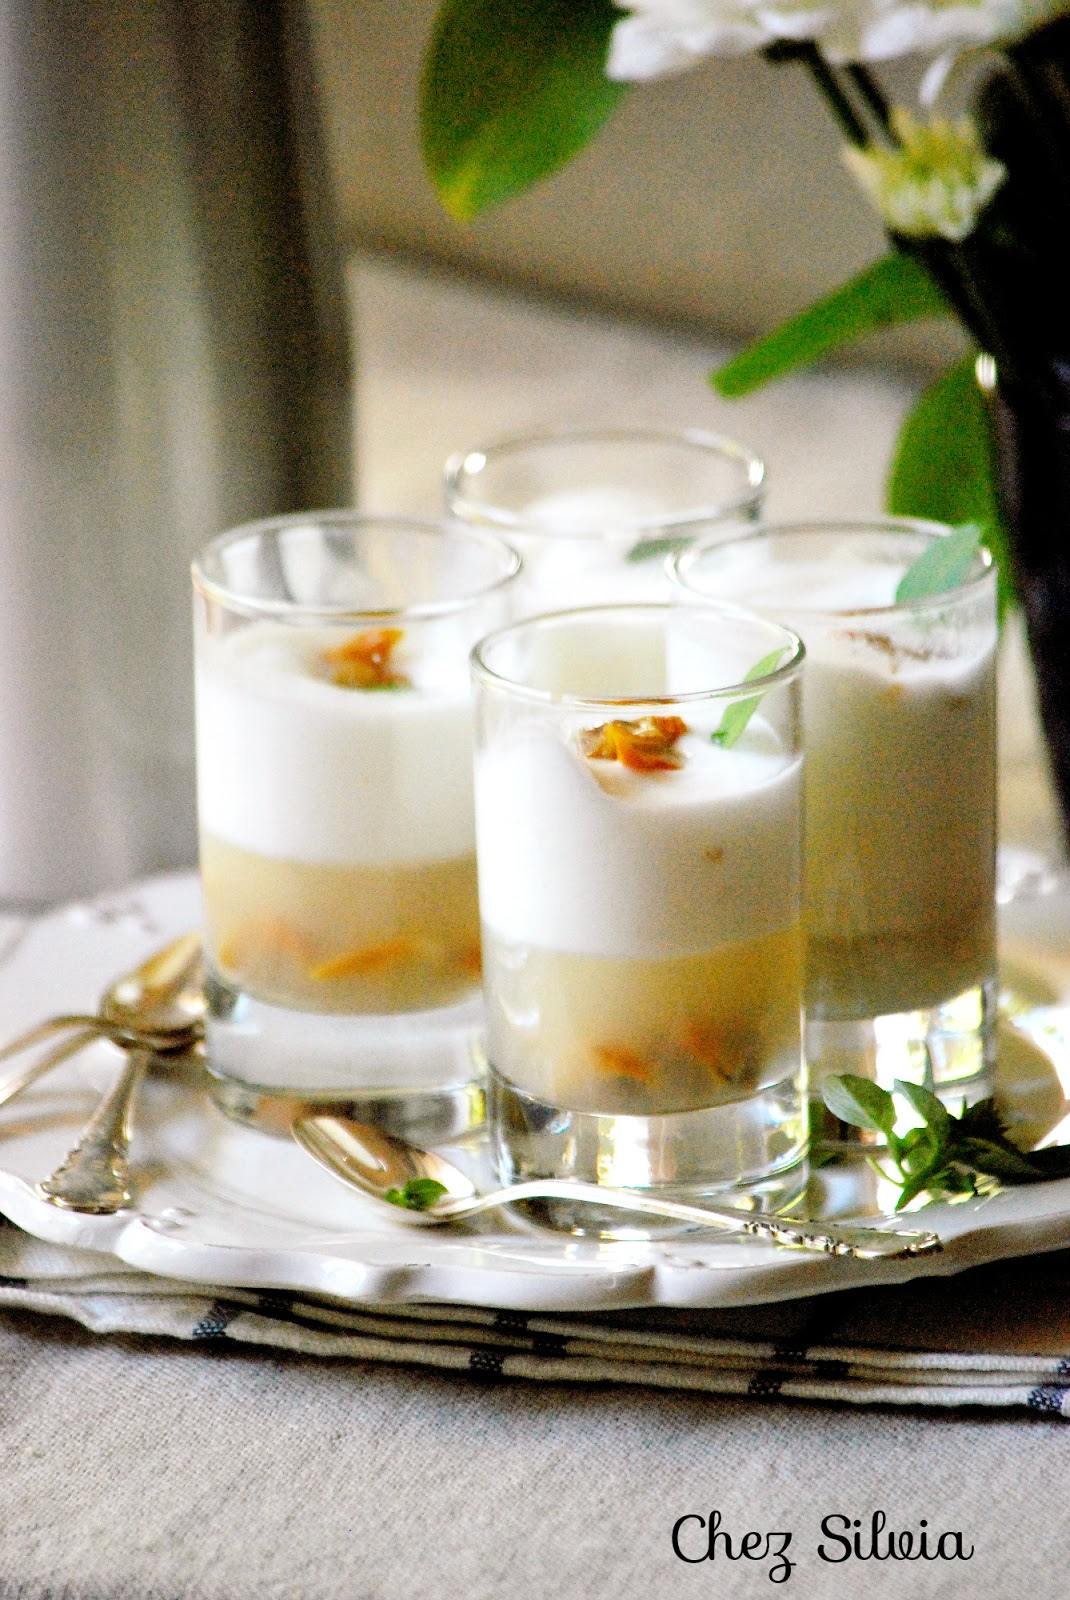 Gelatina de berberechos con espuma de lim n y ginebra - Espuma de limon ...